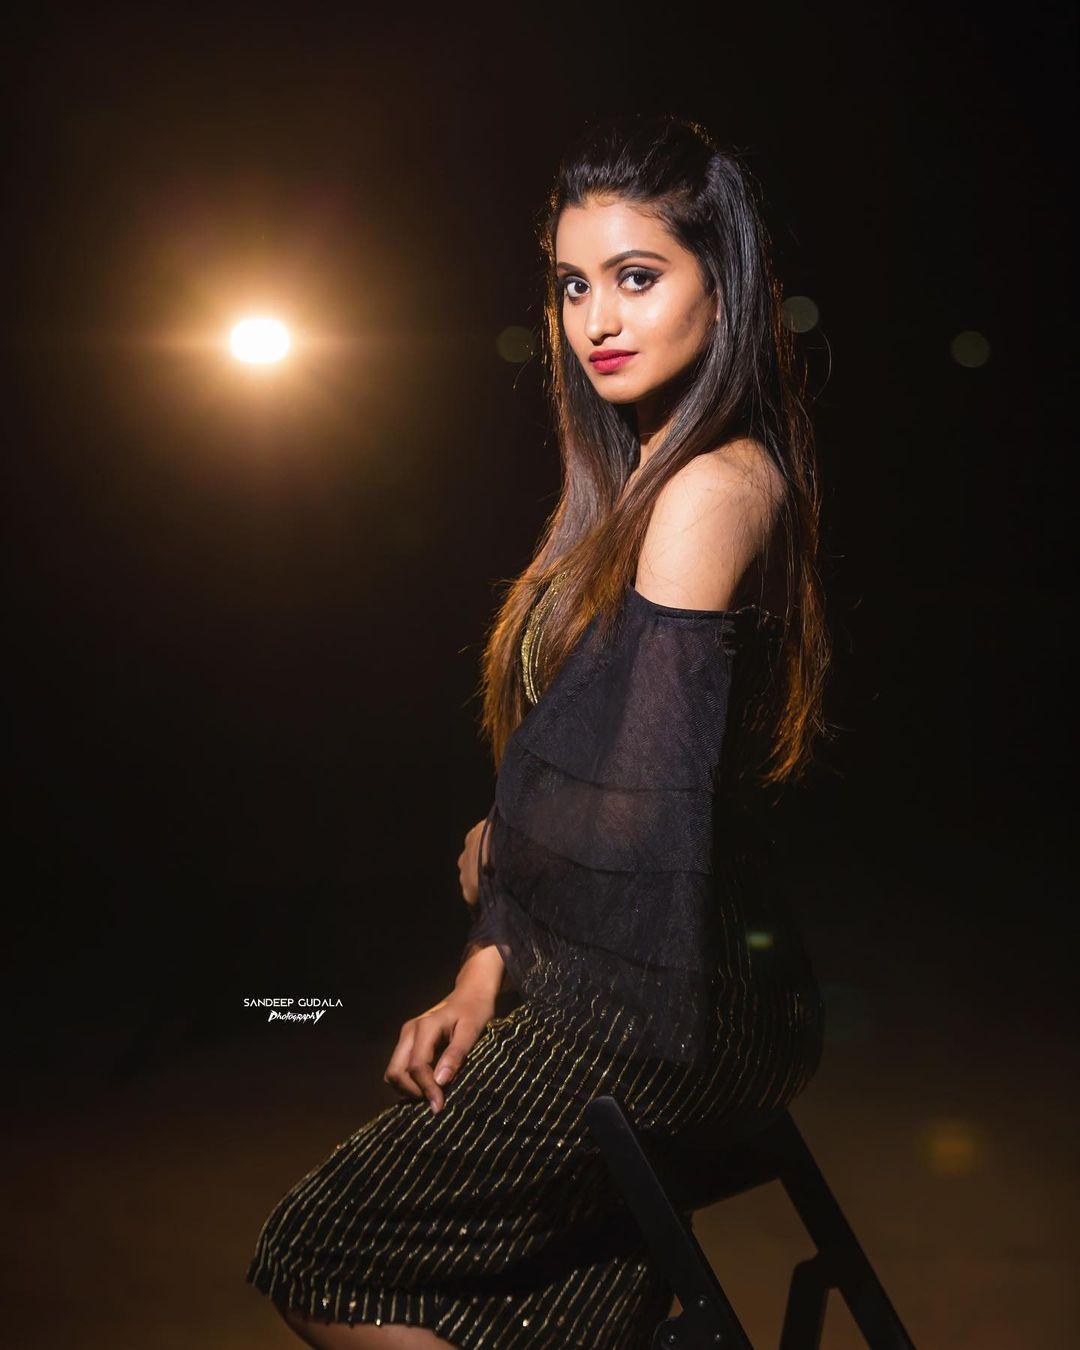 క్యూట్ లుక్స్తో ఆకట్టుకుంటోన్న 'ఢీ' బ్యూటీ దీపికా పిల్లి లేటెస్ట్ ఫొటోలు. Photo: Deepika Pilli Instagram